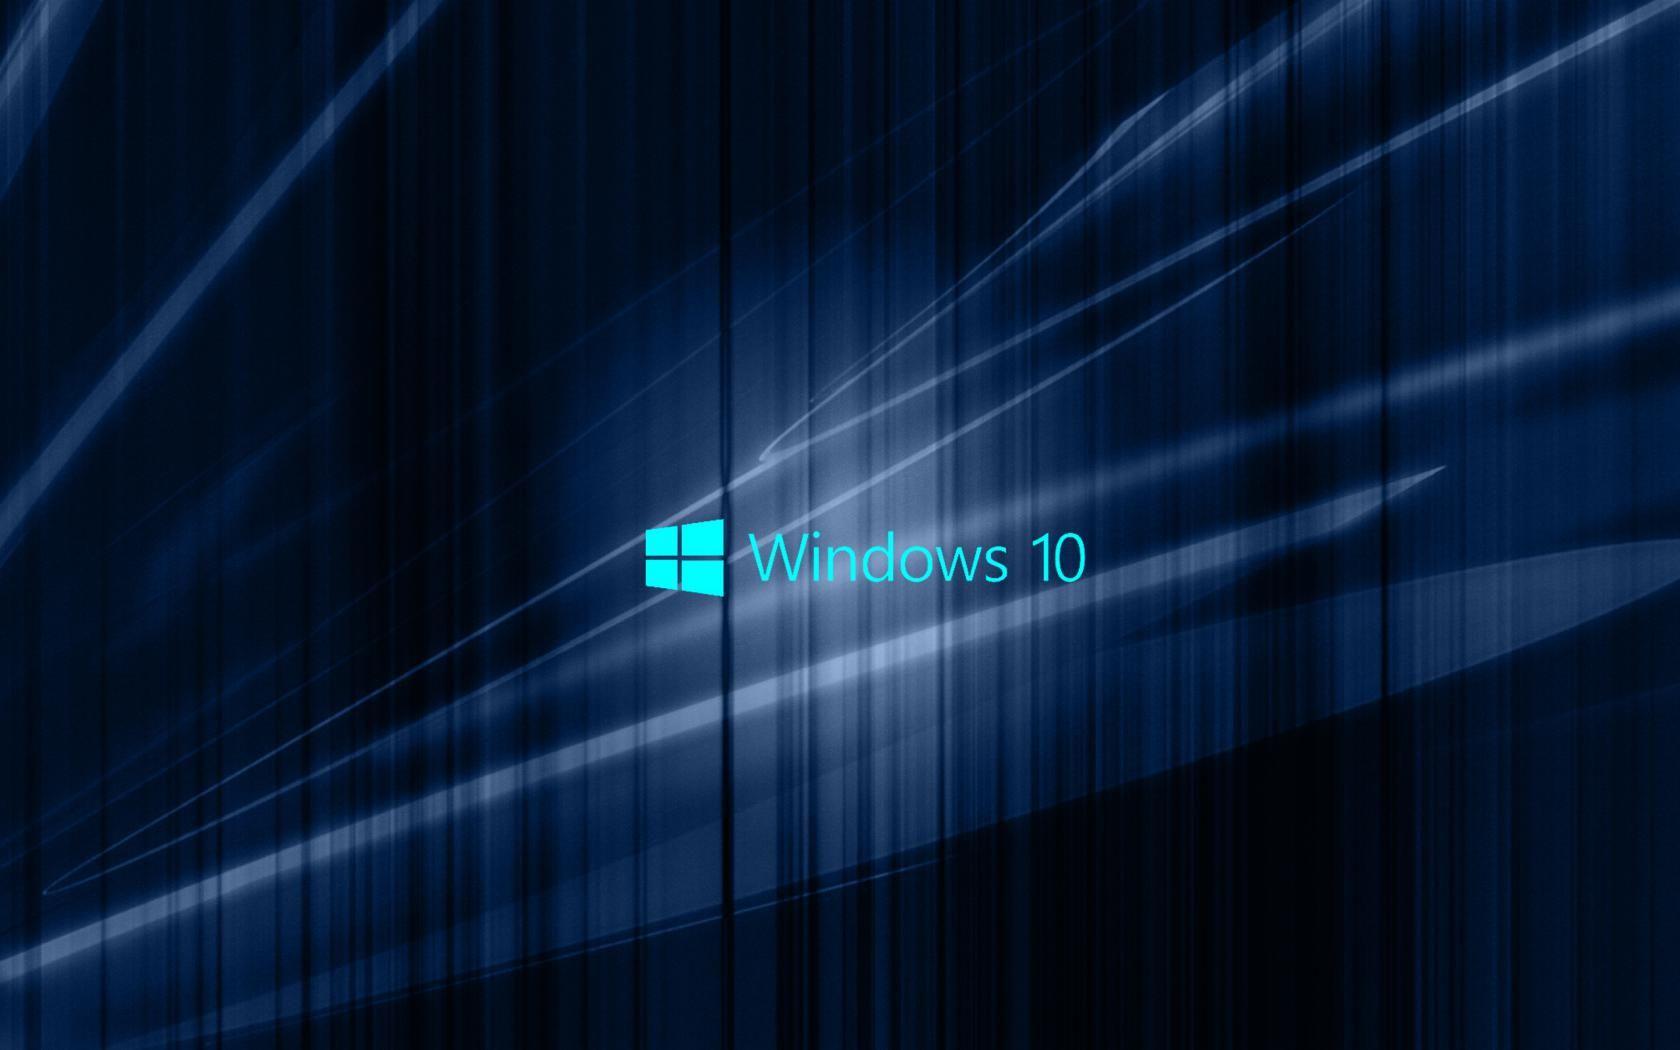 Coole Hintergrundbilder Windows 10 Kostenlos